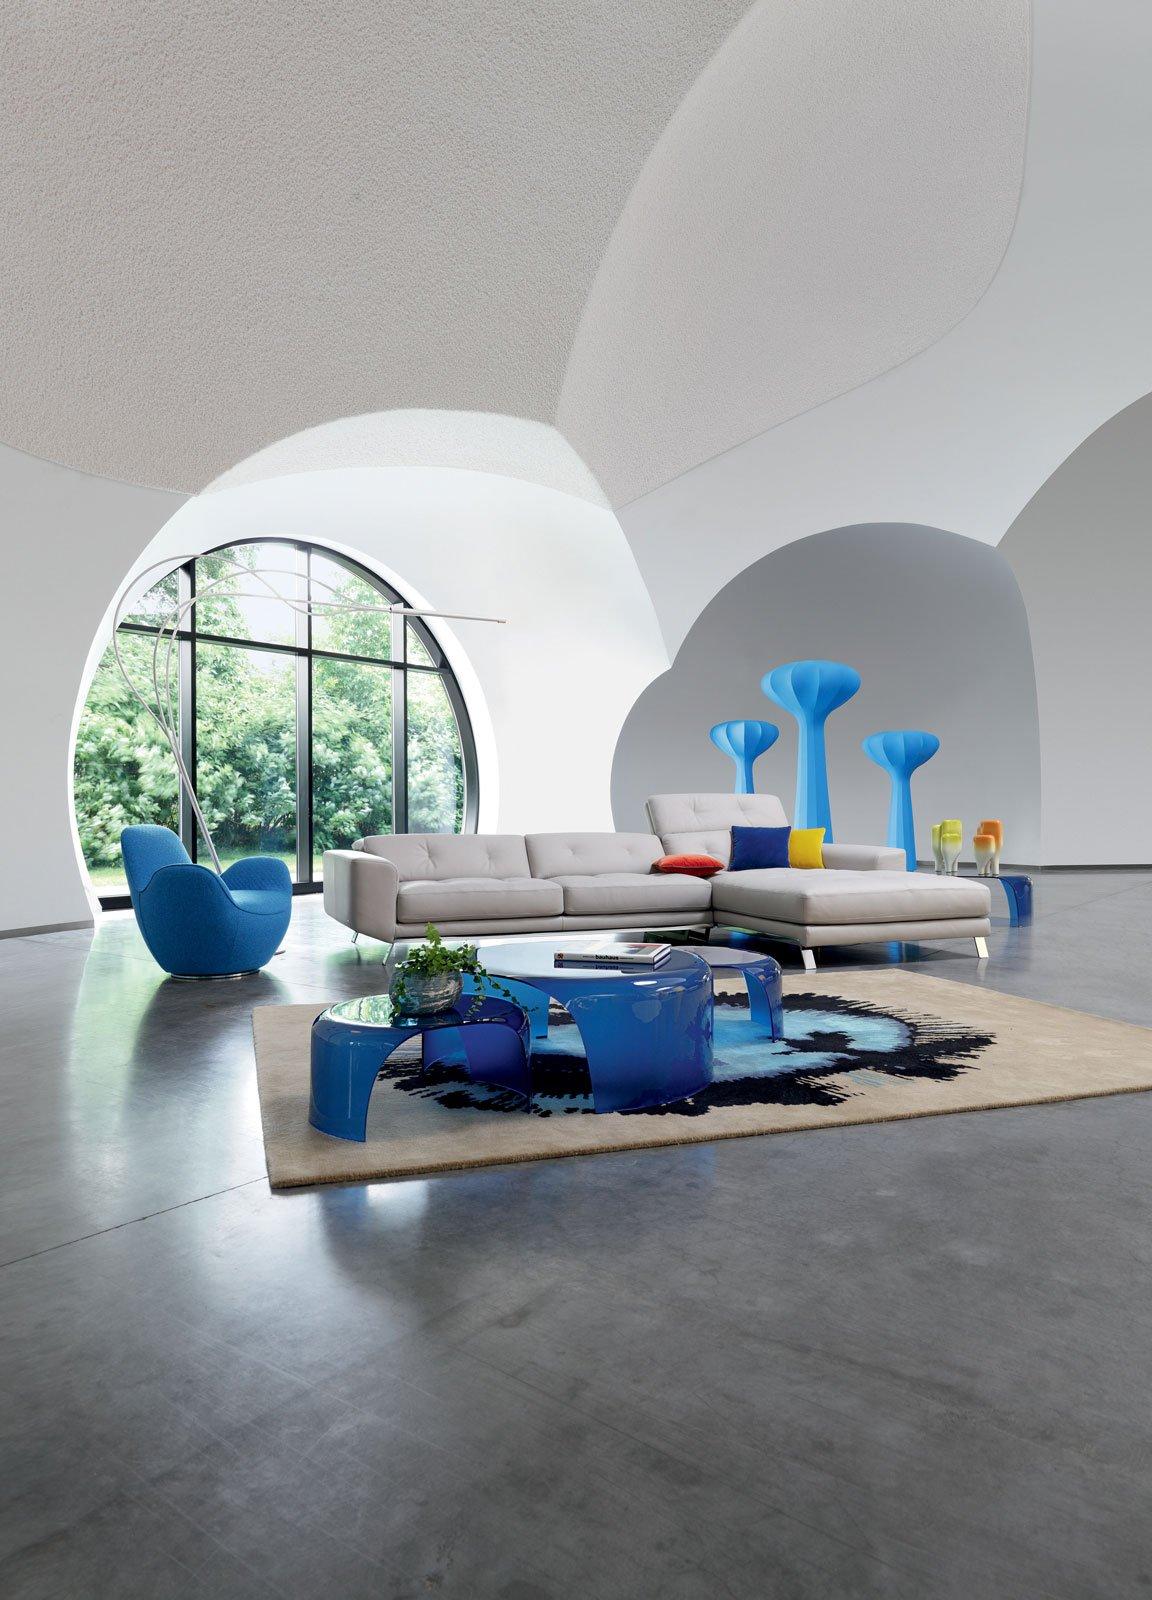 Roche bobois 2016 2 apercu canapes d angle divani moderni for Divani 2016